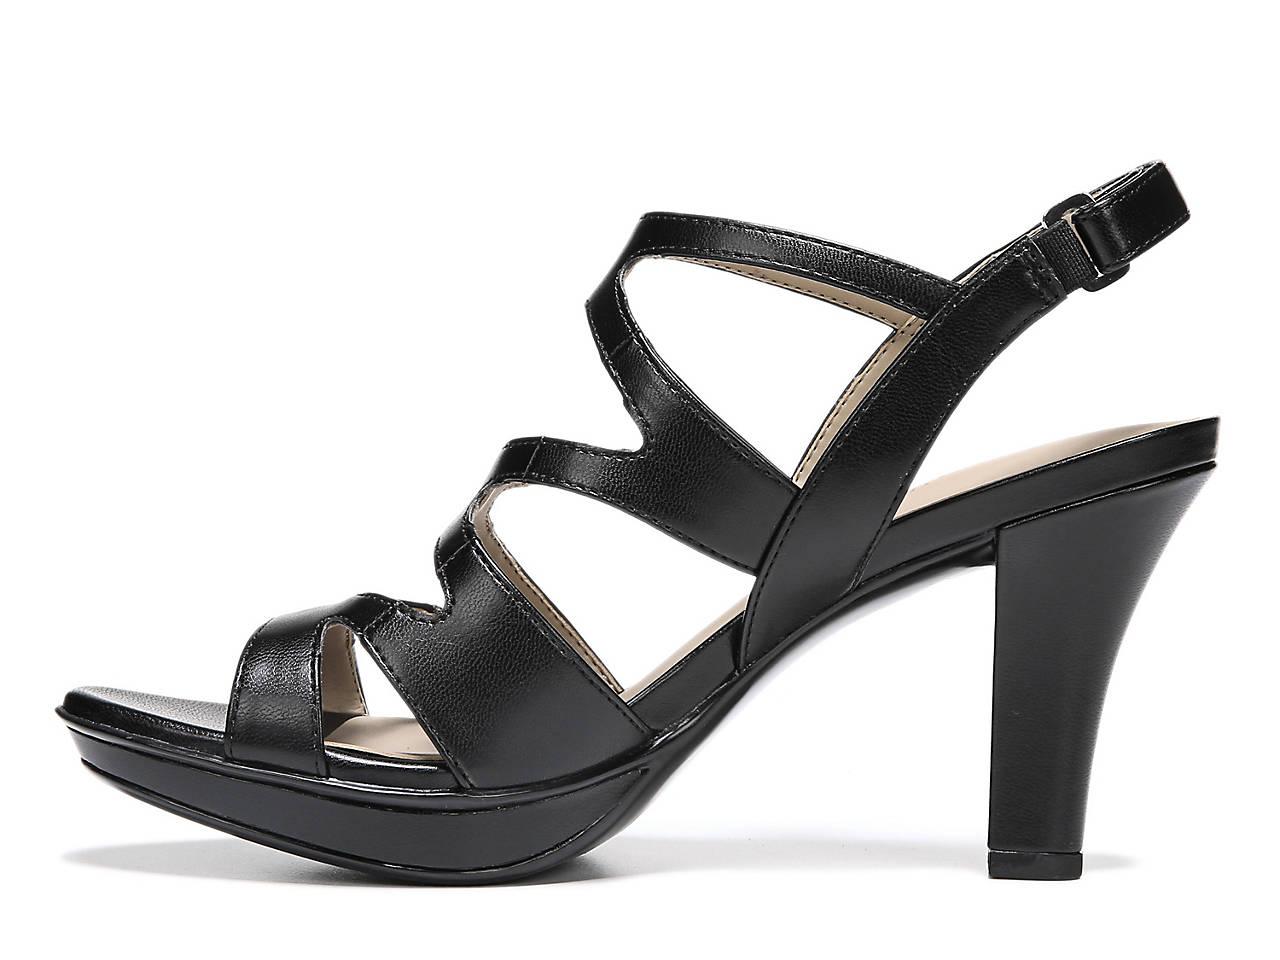 7c9d87001fe8 Naturalizer Dianna Platform Sandal Women s Shoes